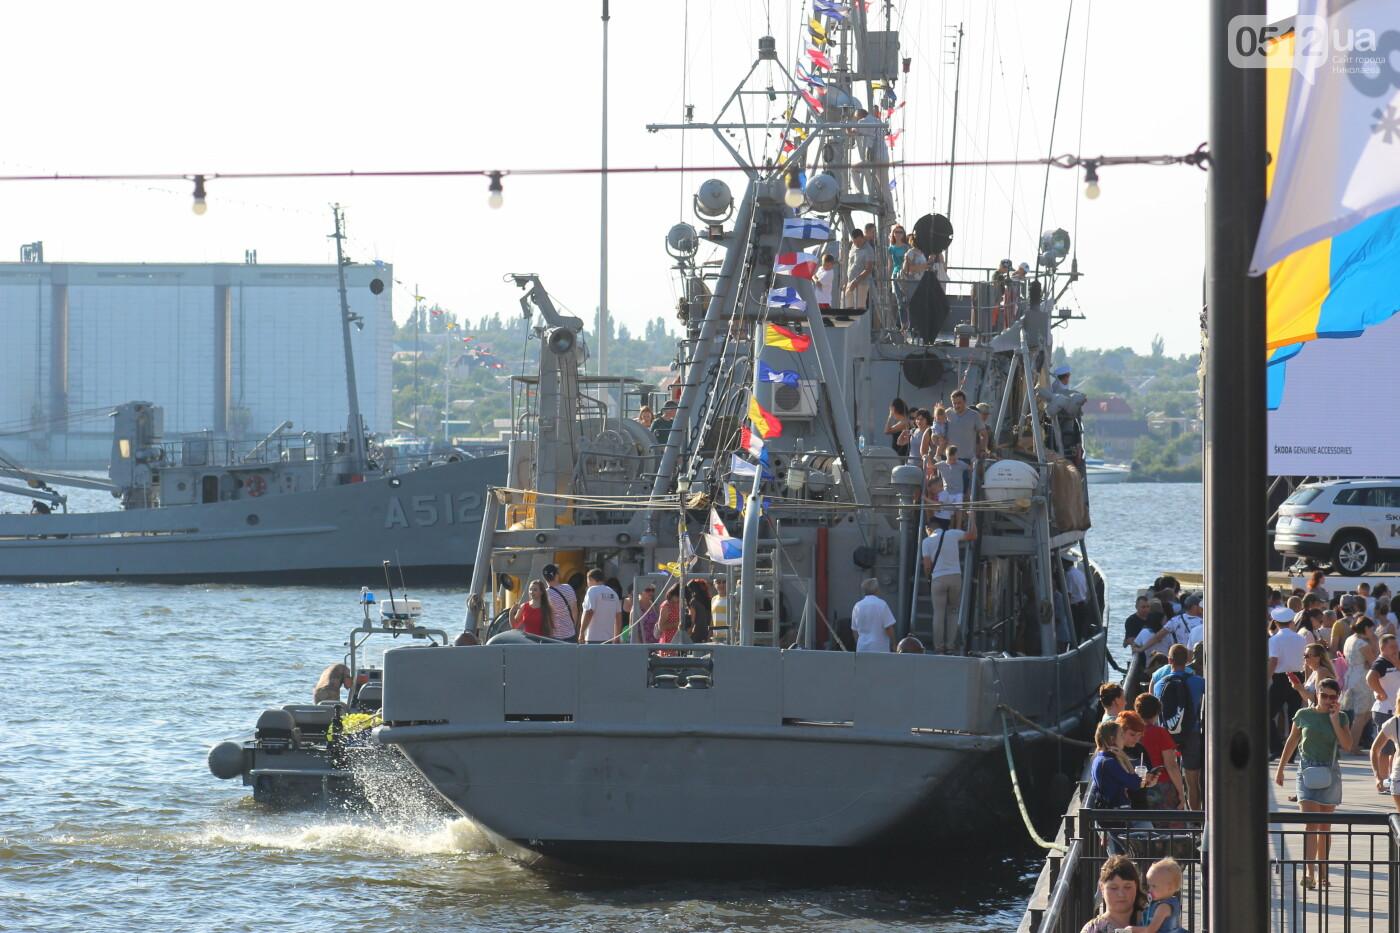 В Николаеве громко отметили день ВМС Украины, - ФОТО, ВИДЕО, фото-34